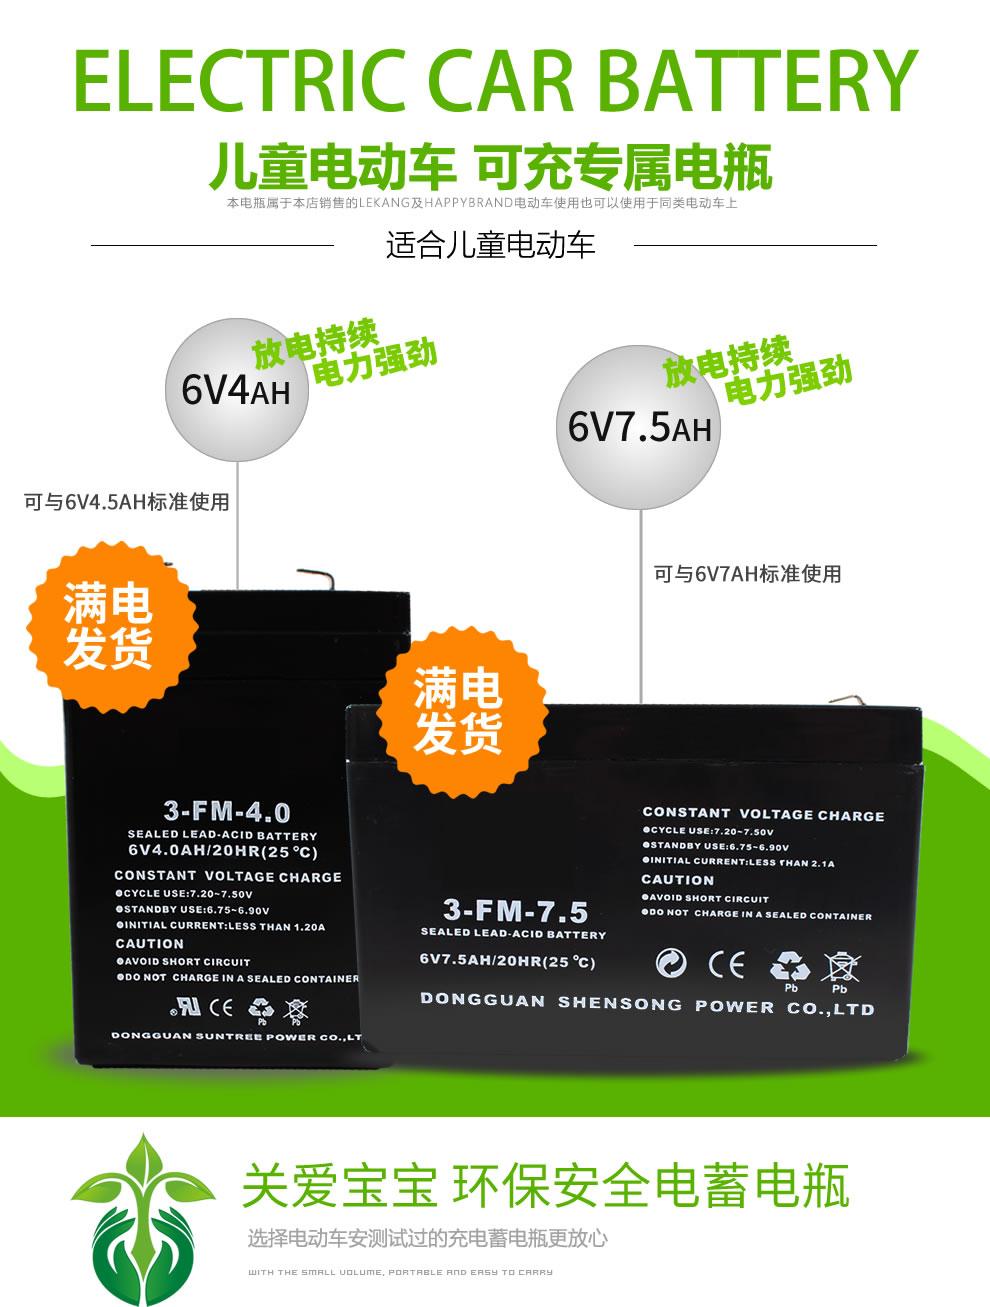 Childrens Electric Car Battery Stroller Toy 6v4 6v75ah Short Circuit Charger 6v4ah 20hr